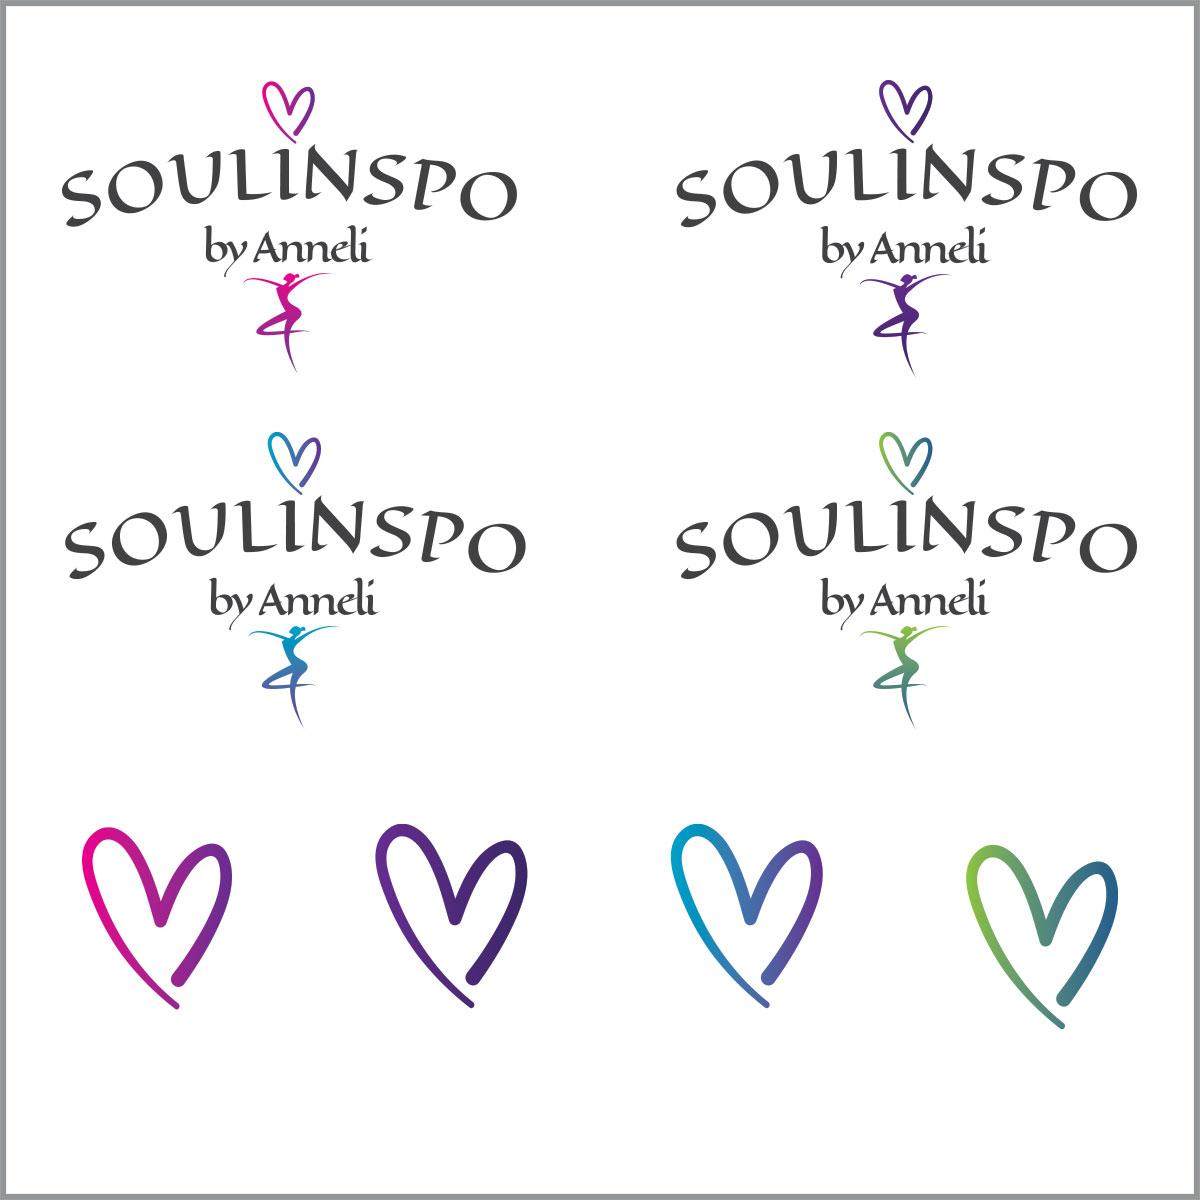 Logo Soulinspo by Anneli